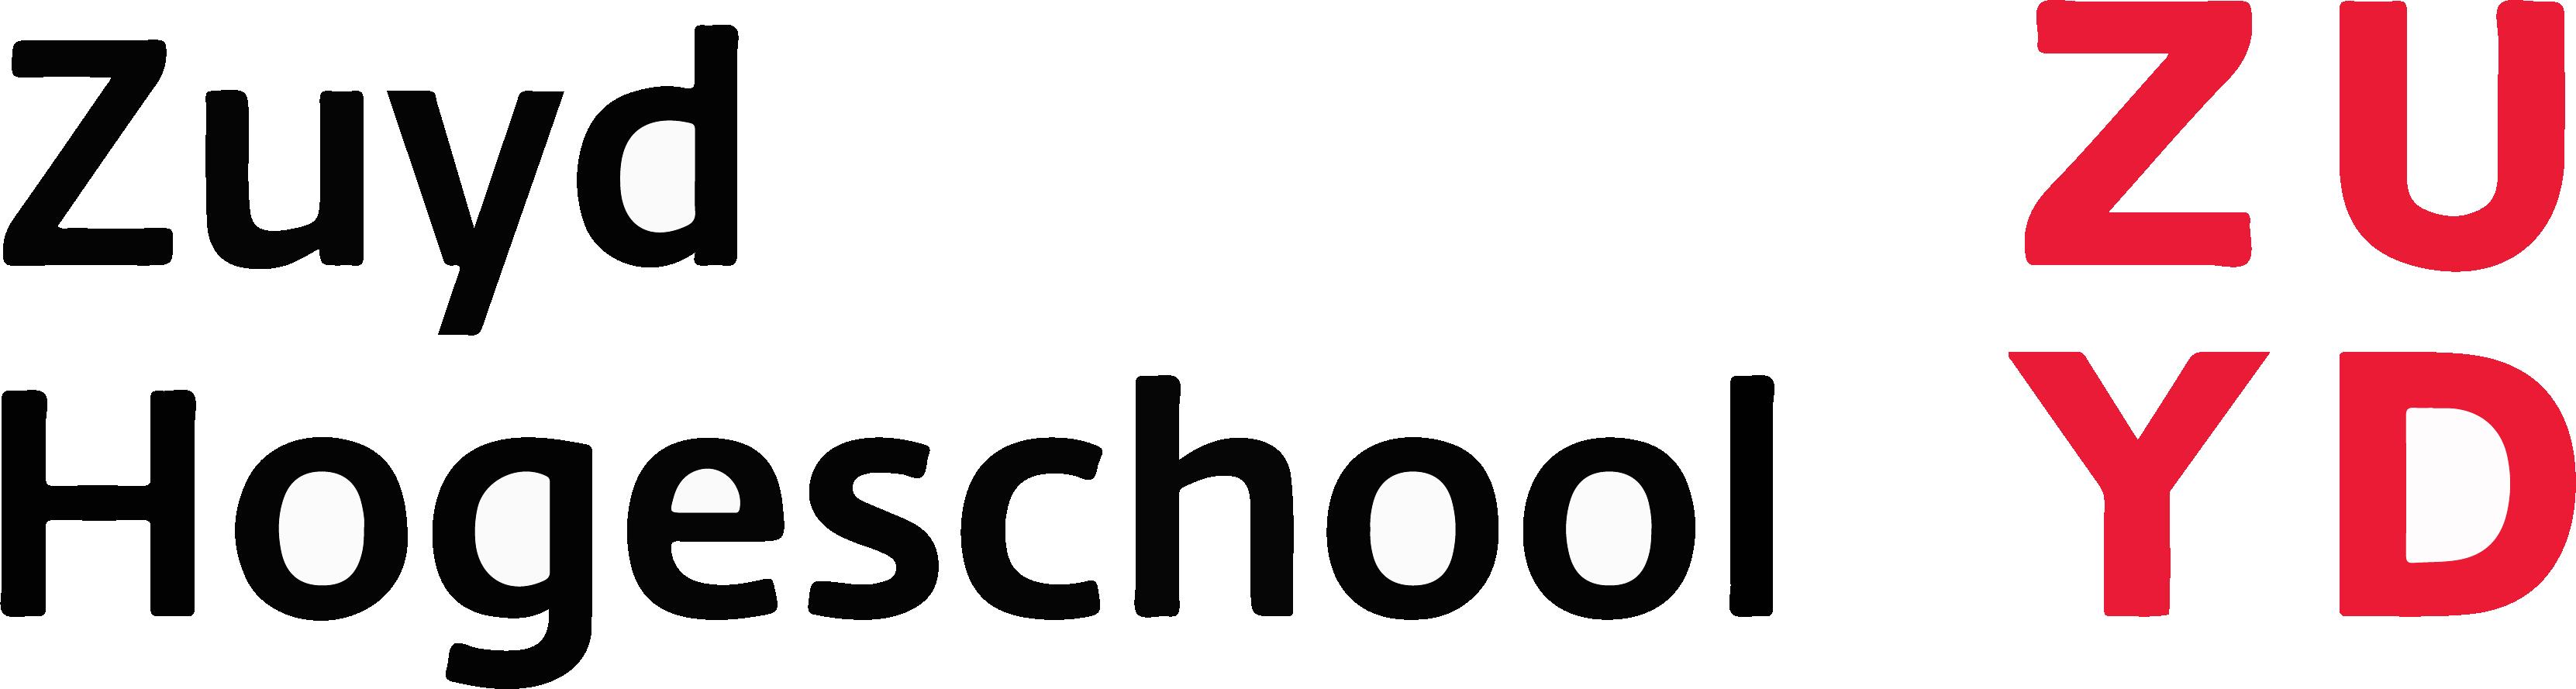 Logo Zuyd Hogeschool-1